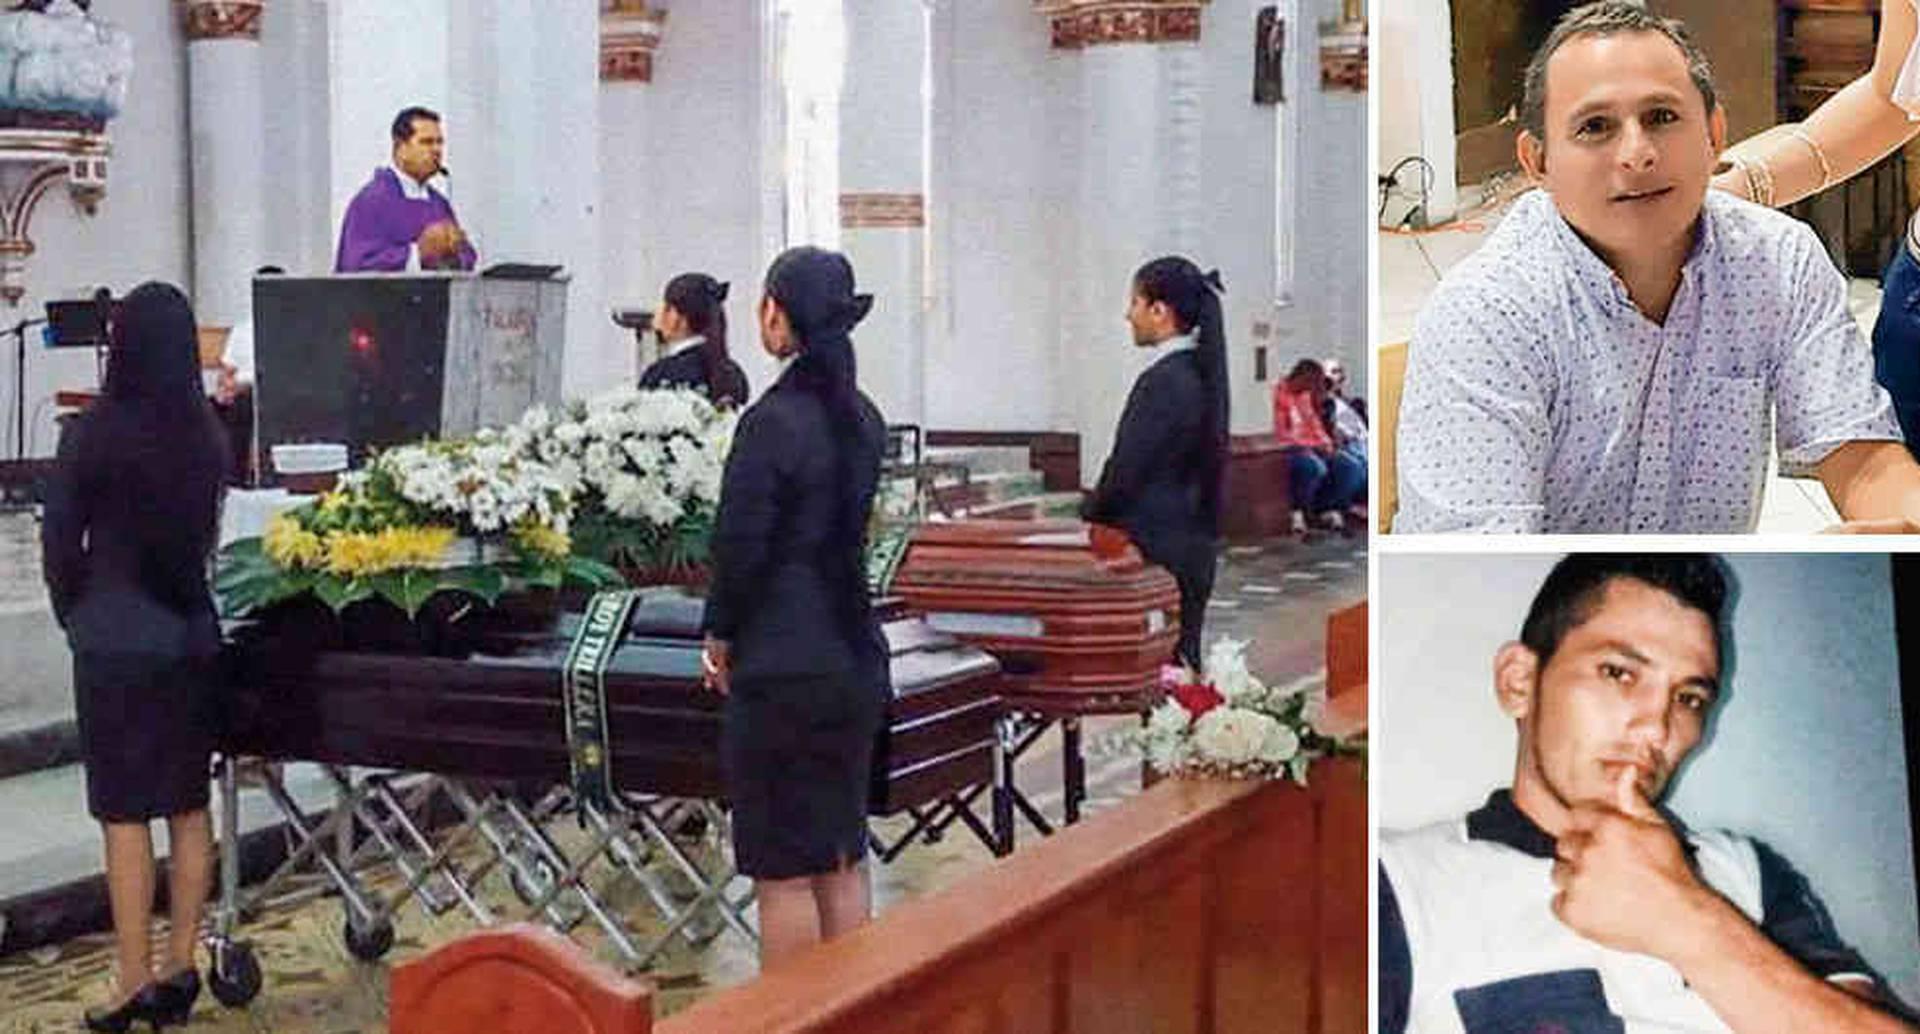 """Juvenal Silva Manchola y Jeferson Monroy murieron en el operativo del ejército. Las autoridades a cargo de la operación reseñaron sus muertes como """"daños colaterales""""."""